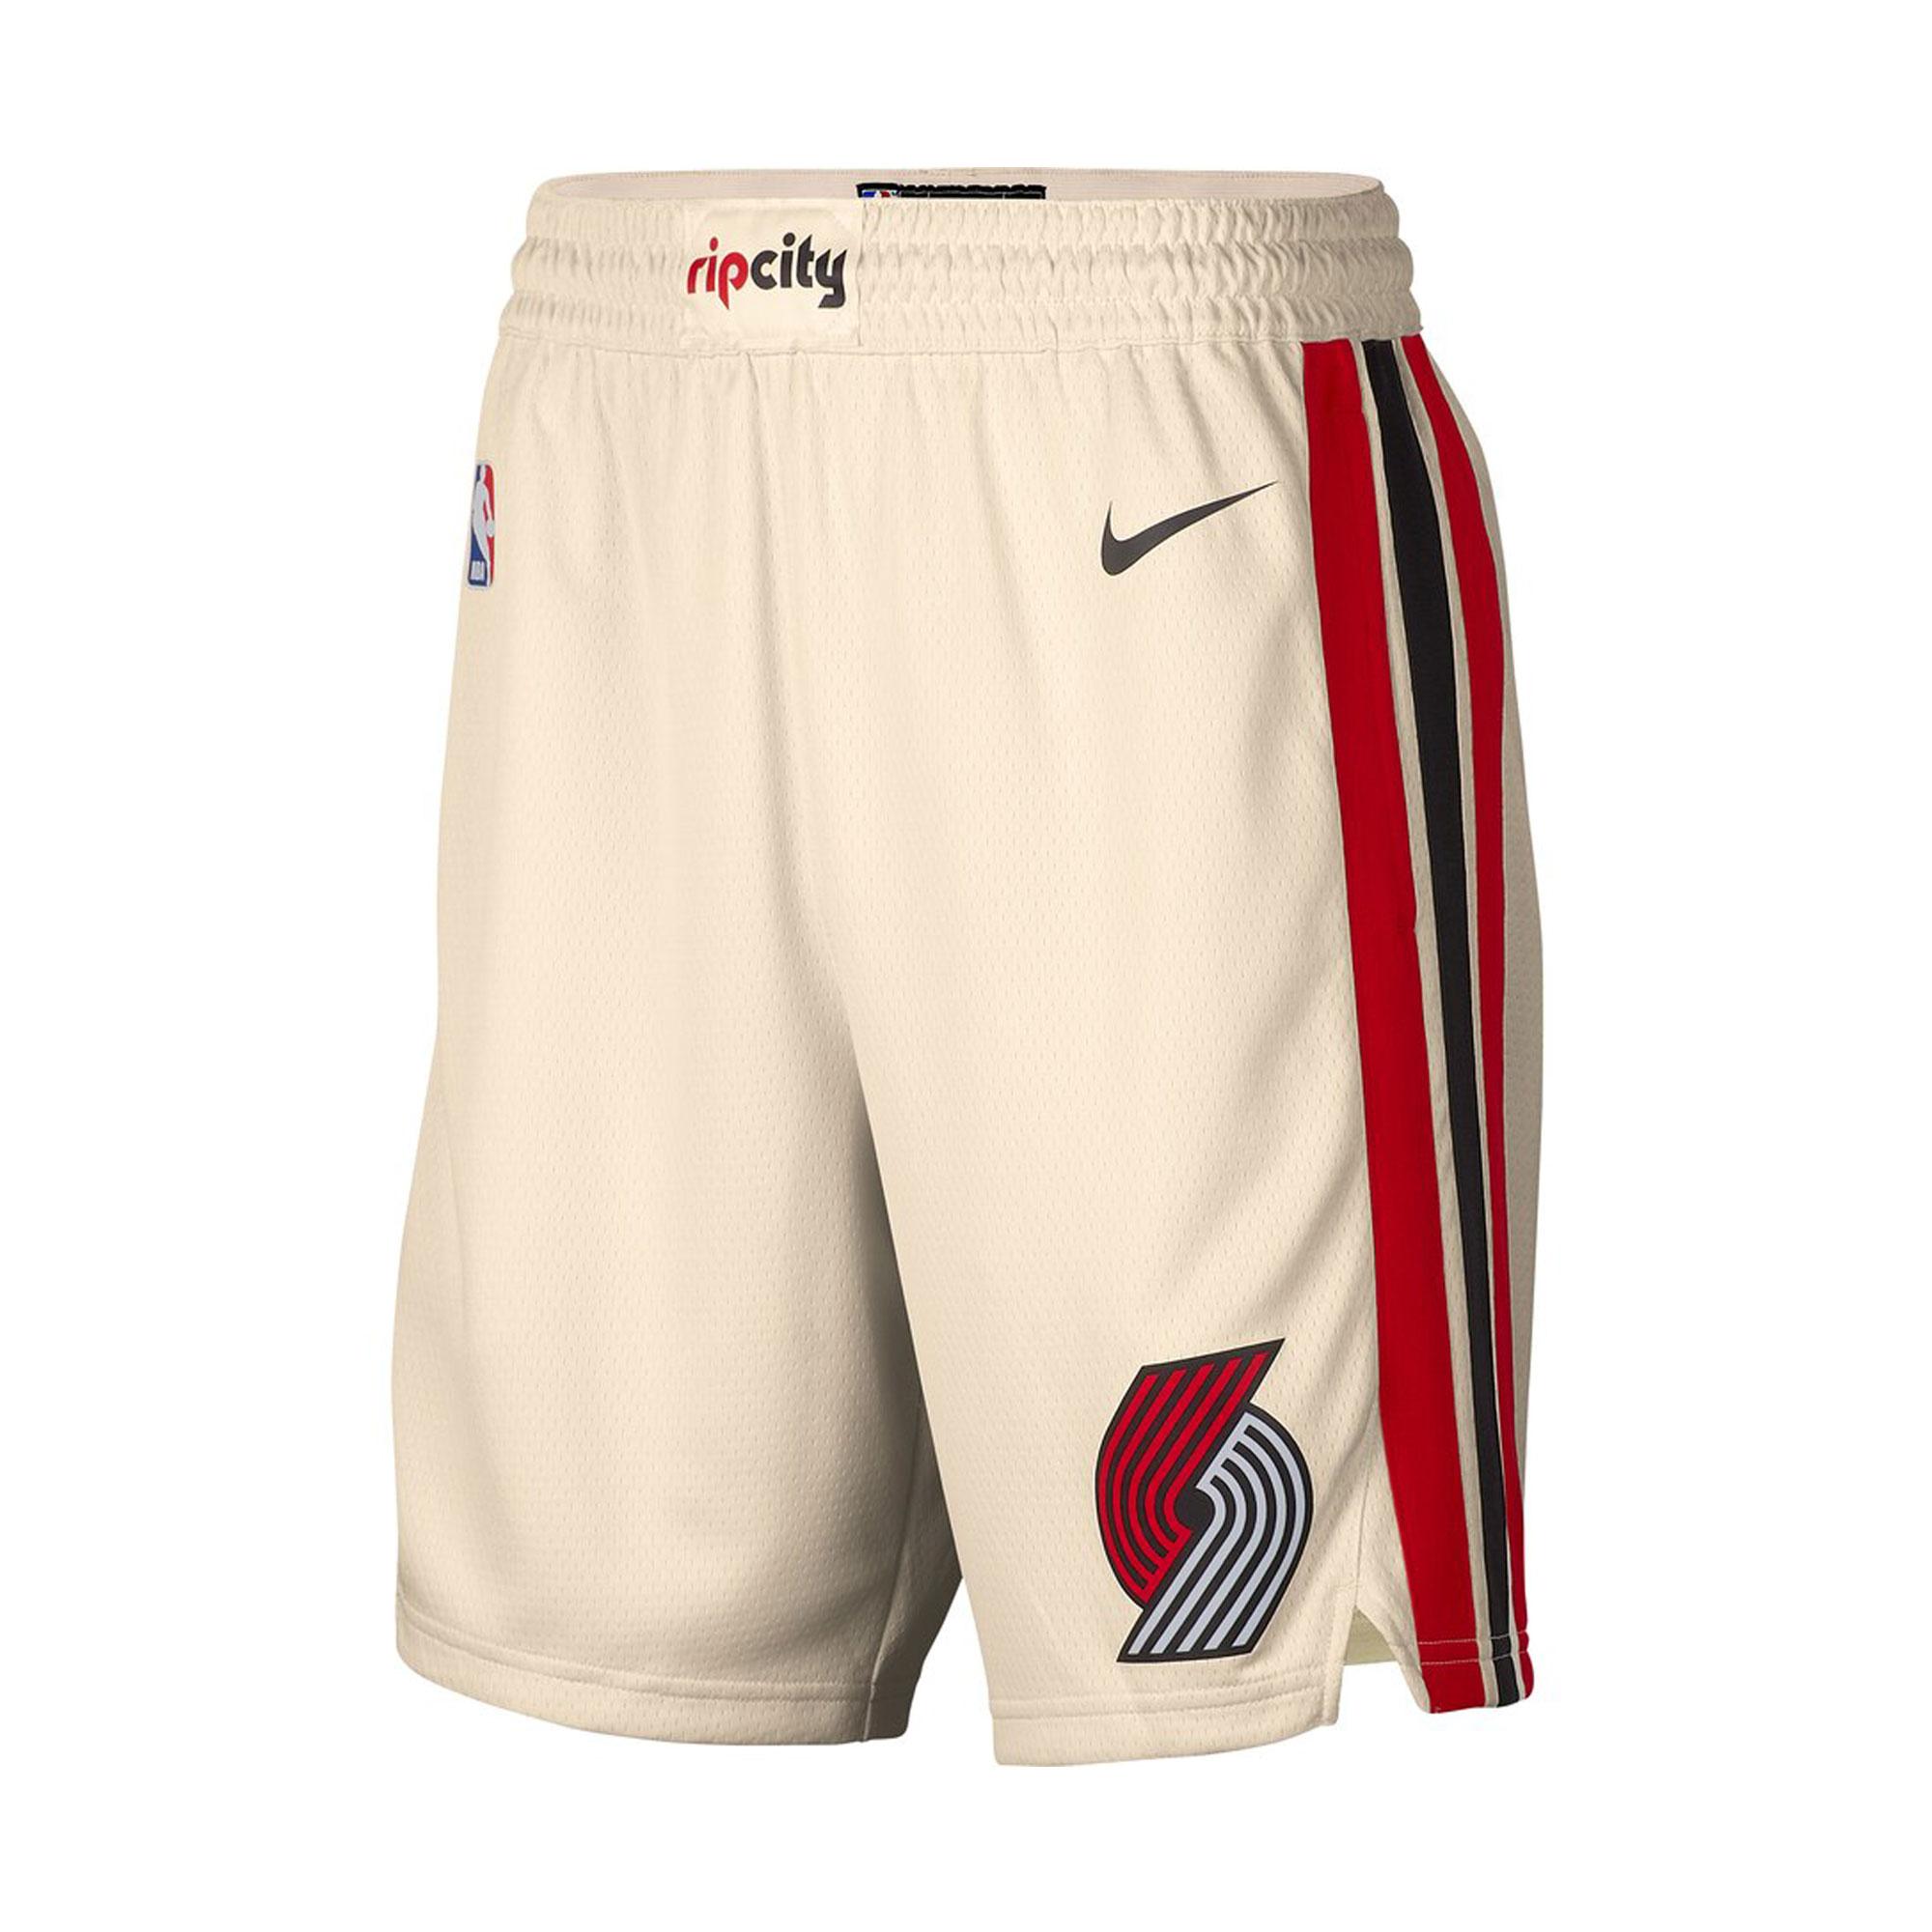 Portland Trail Blazers Short (SRT-RED-BLAZERS)